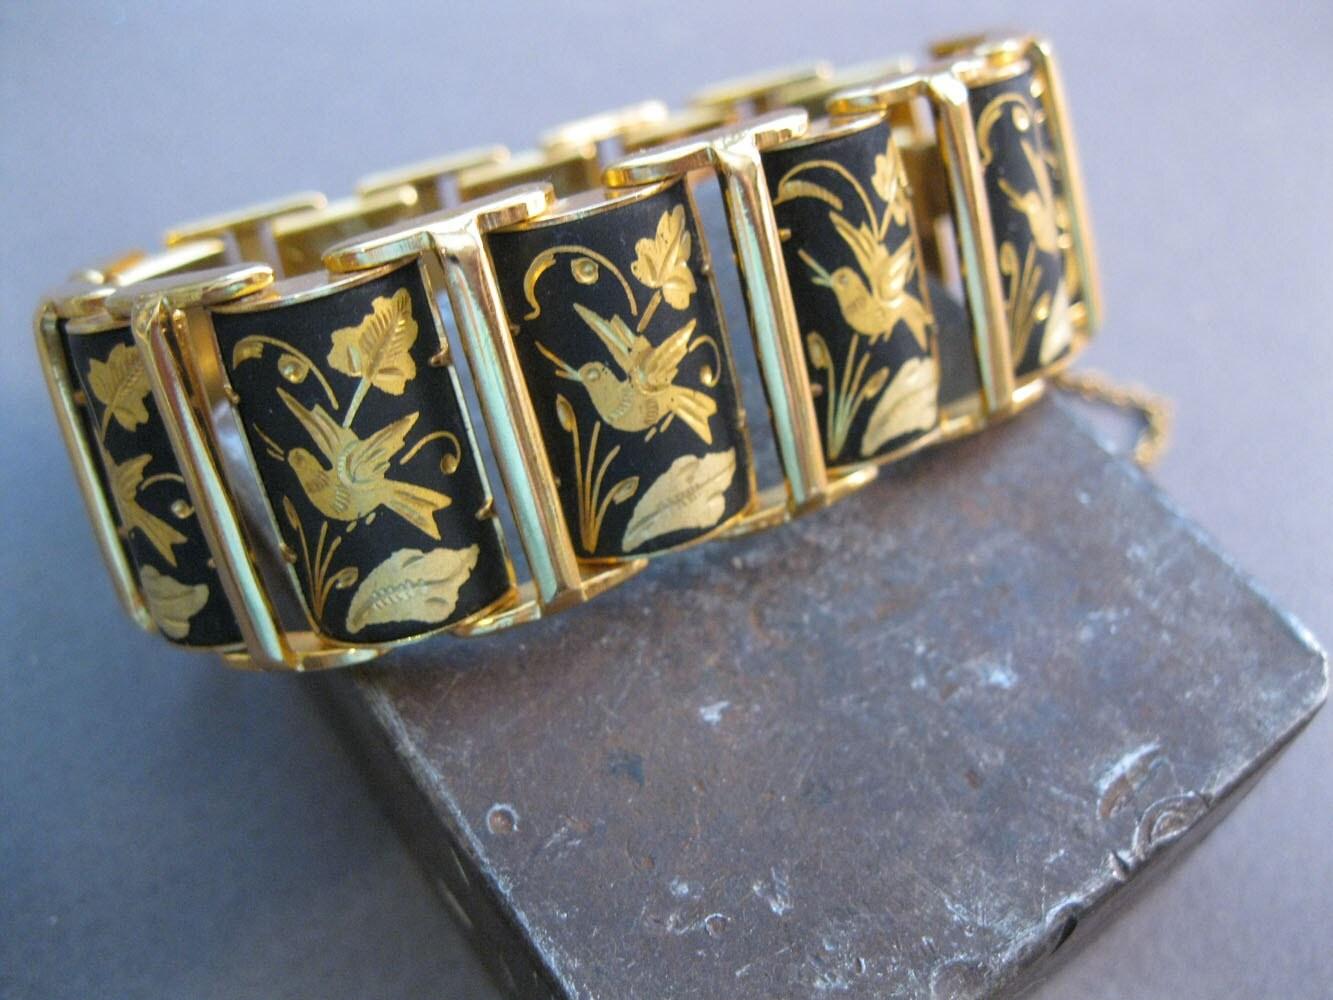 VINTAGE GOLD BRACELETS JEWELRY ON RUBY LANE